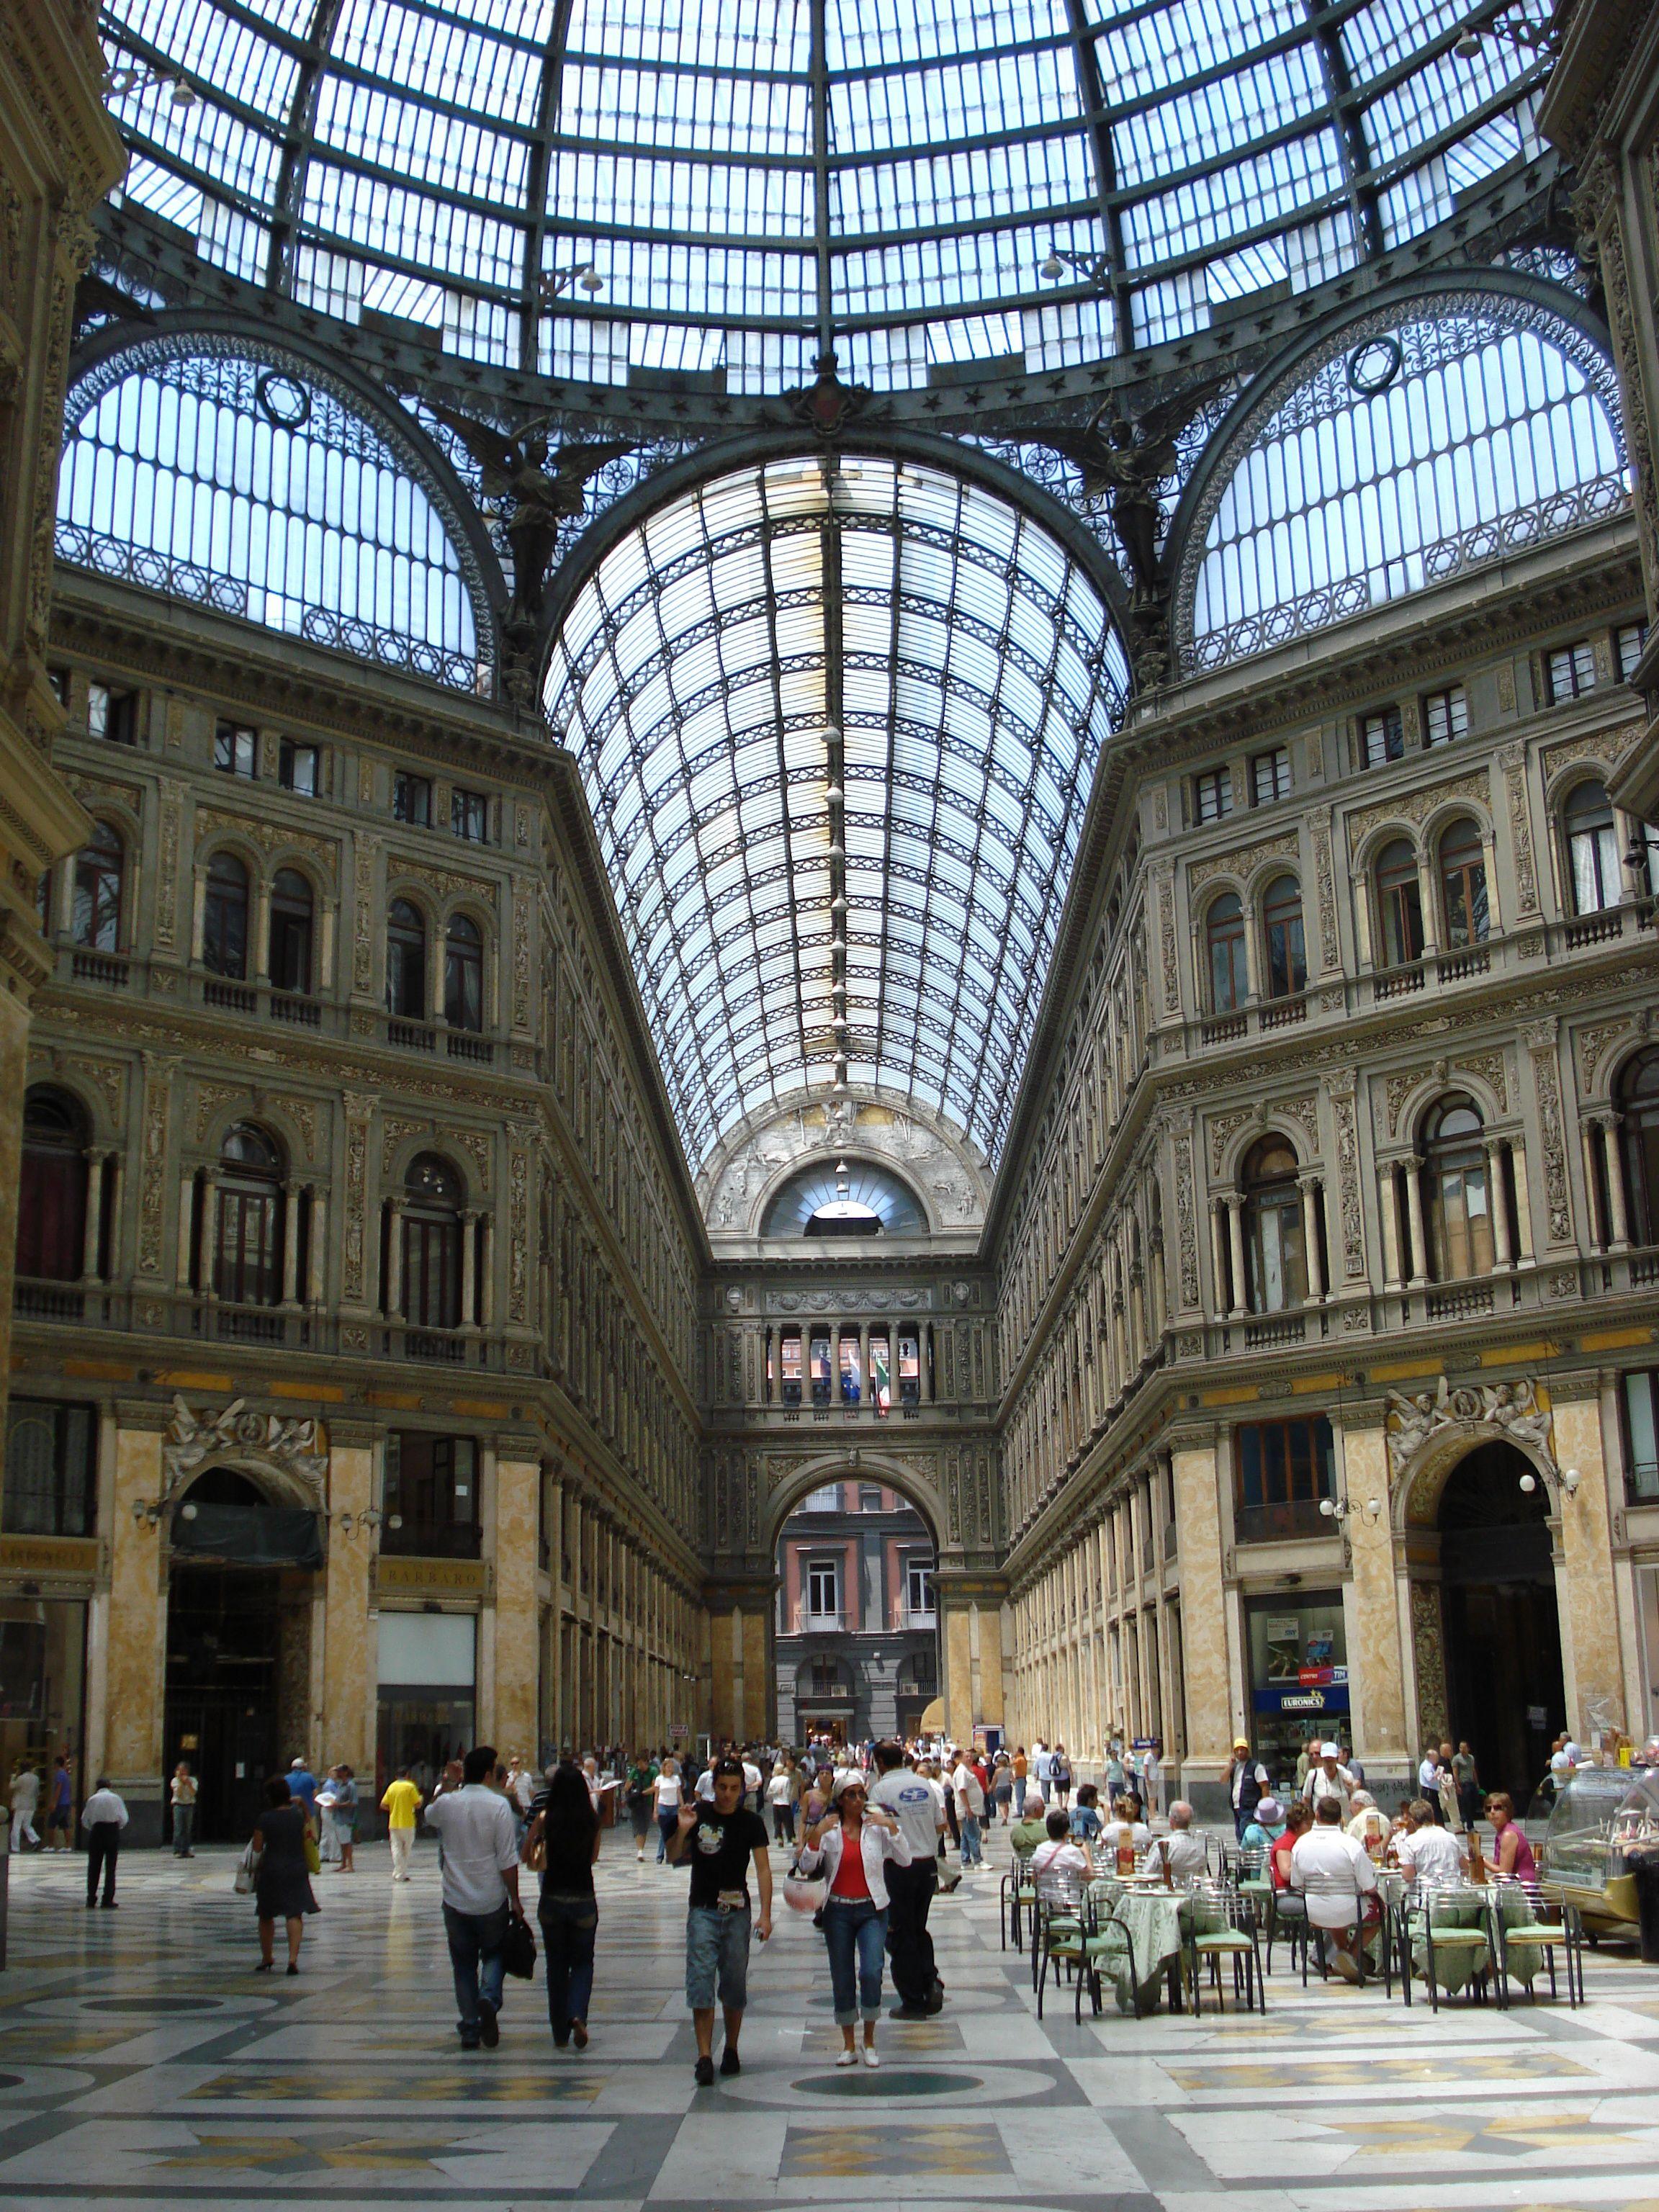 Galleria Vittorio Emanuele Ii, Favorite Places